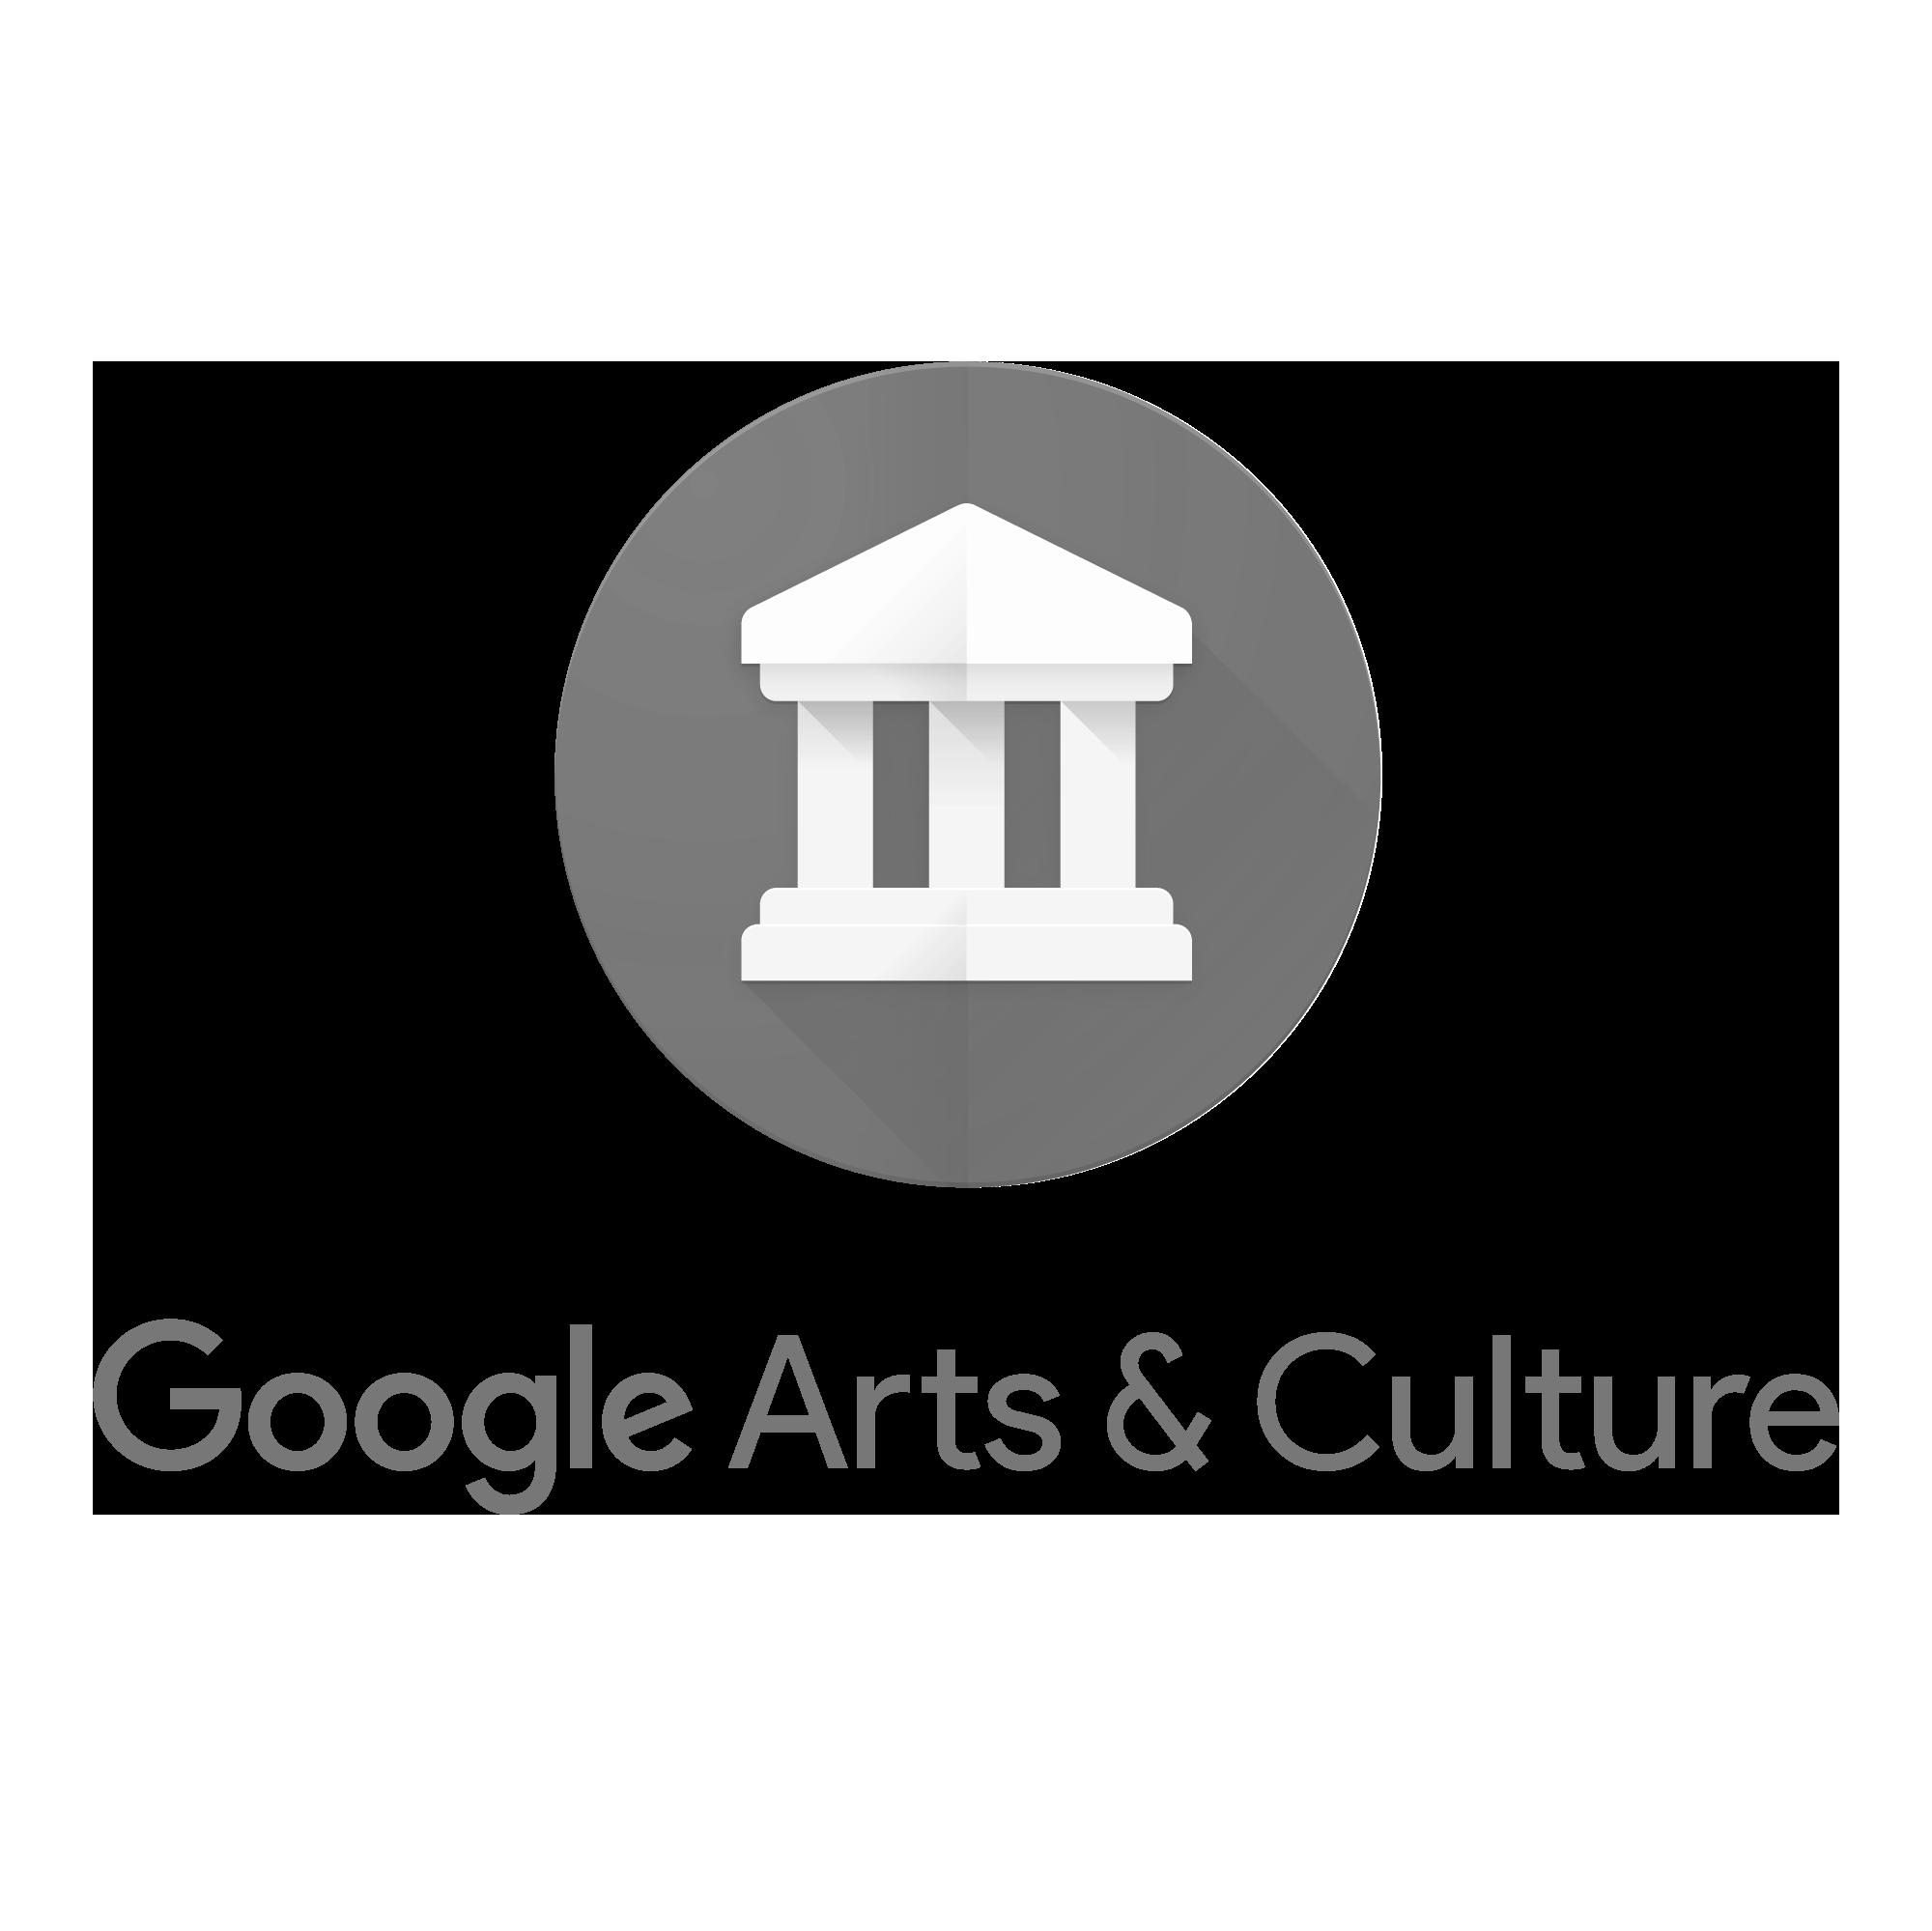 Google Arts Culture logo